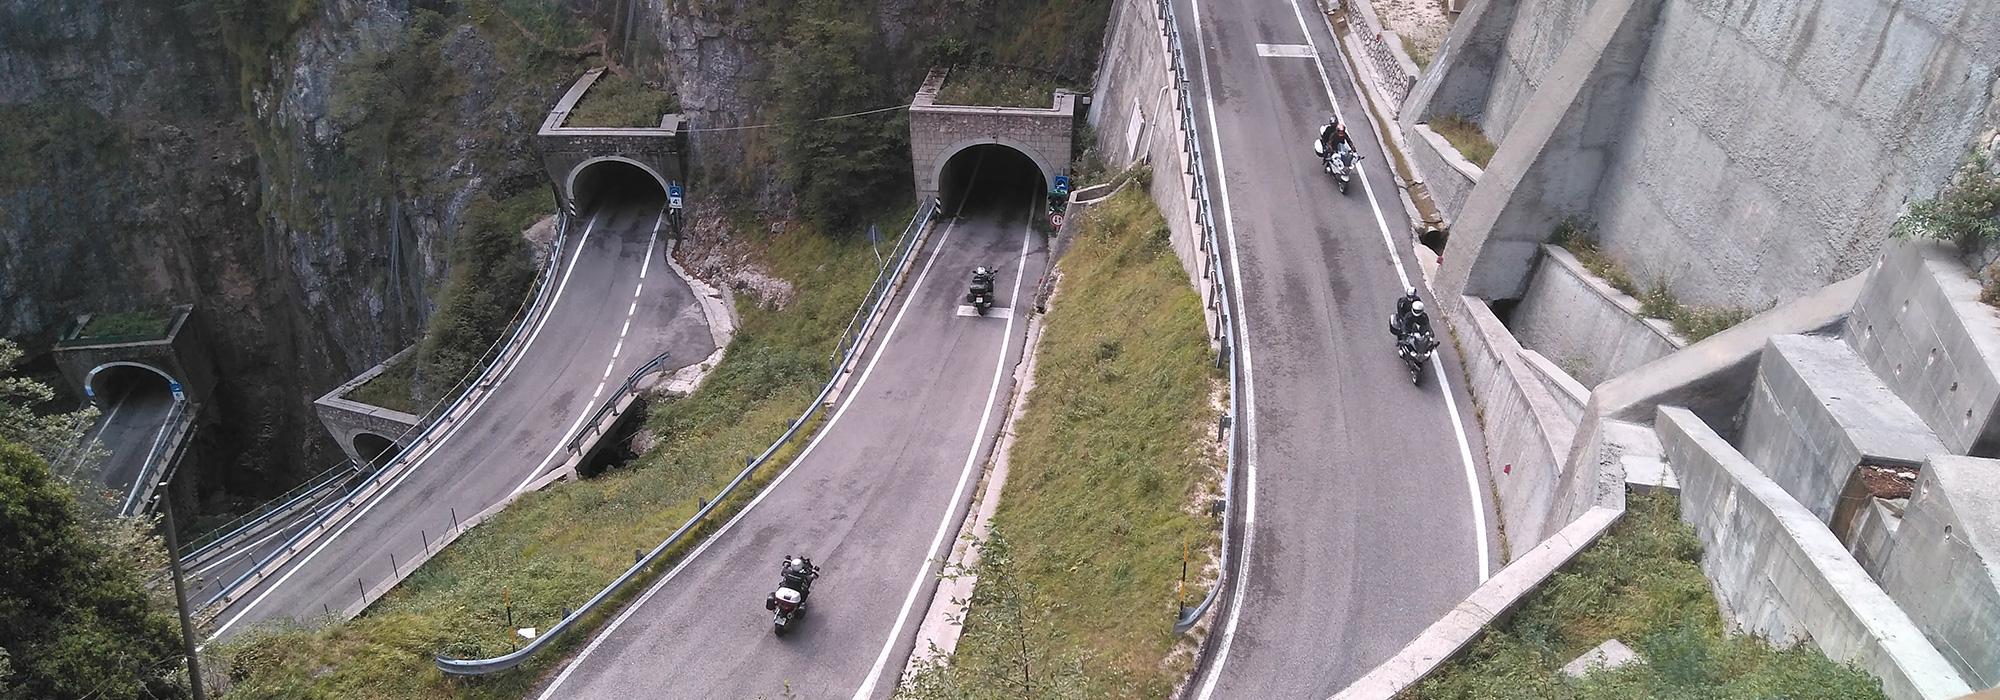 Viaje en moto por Europa